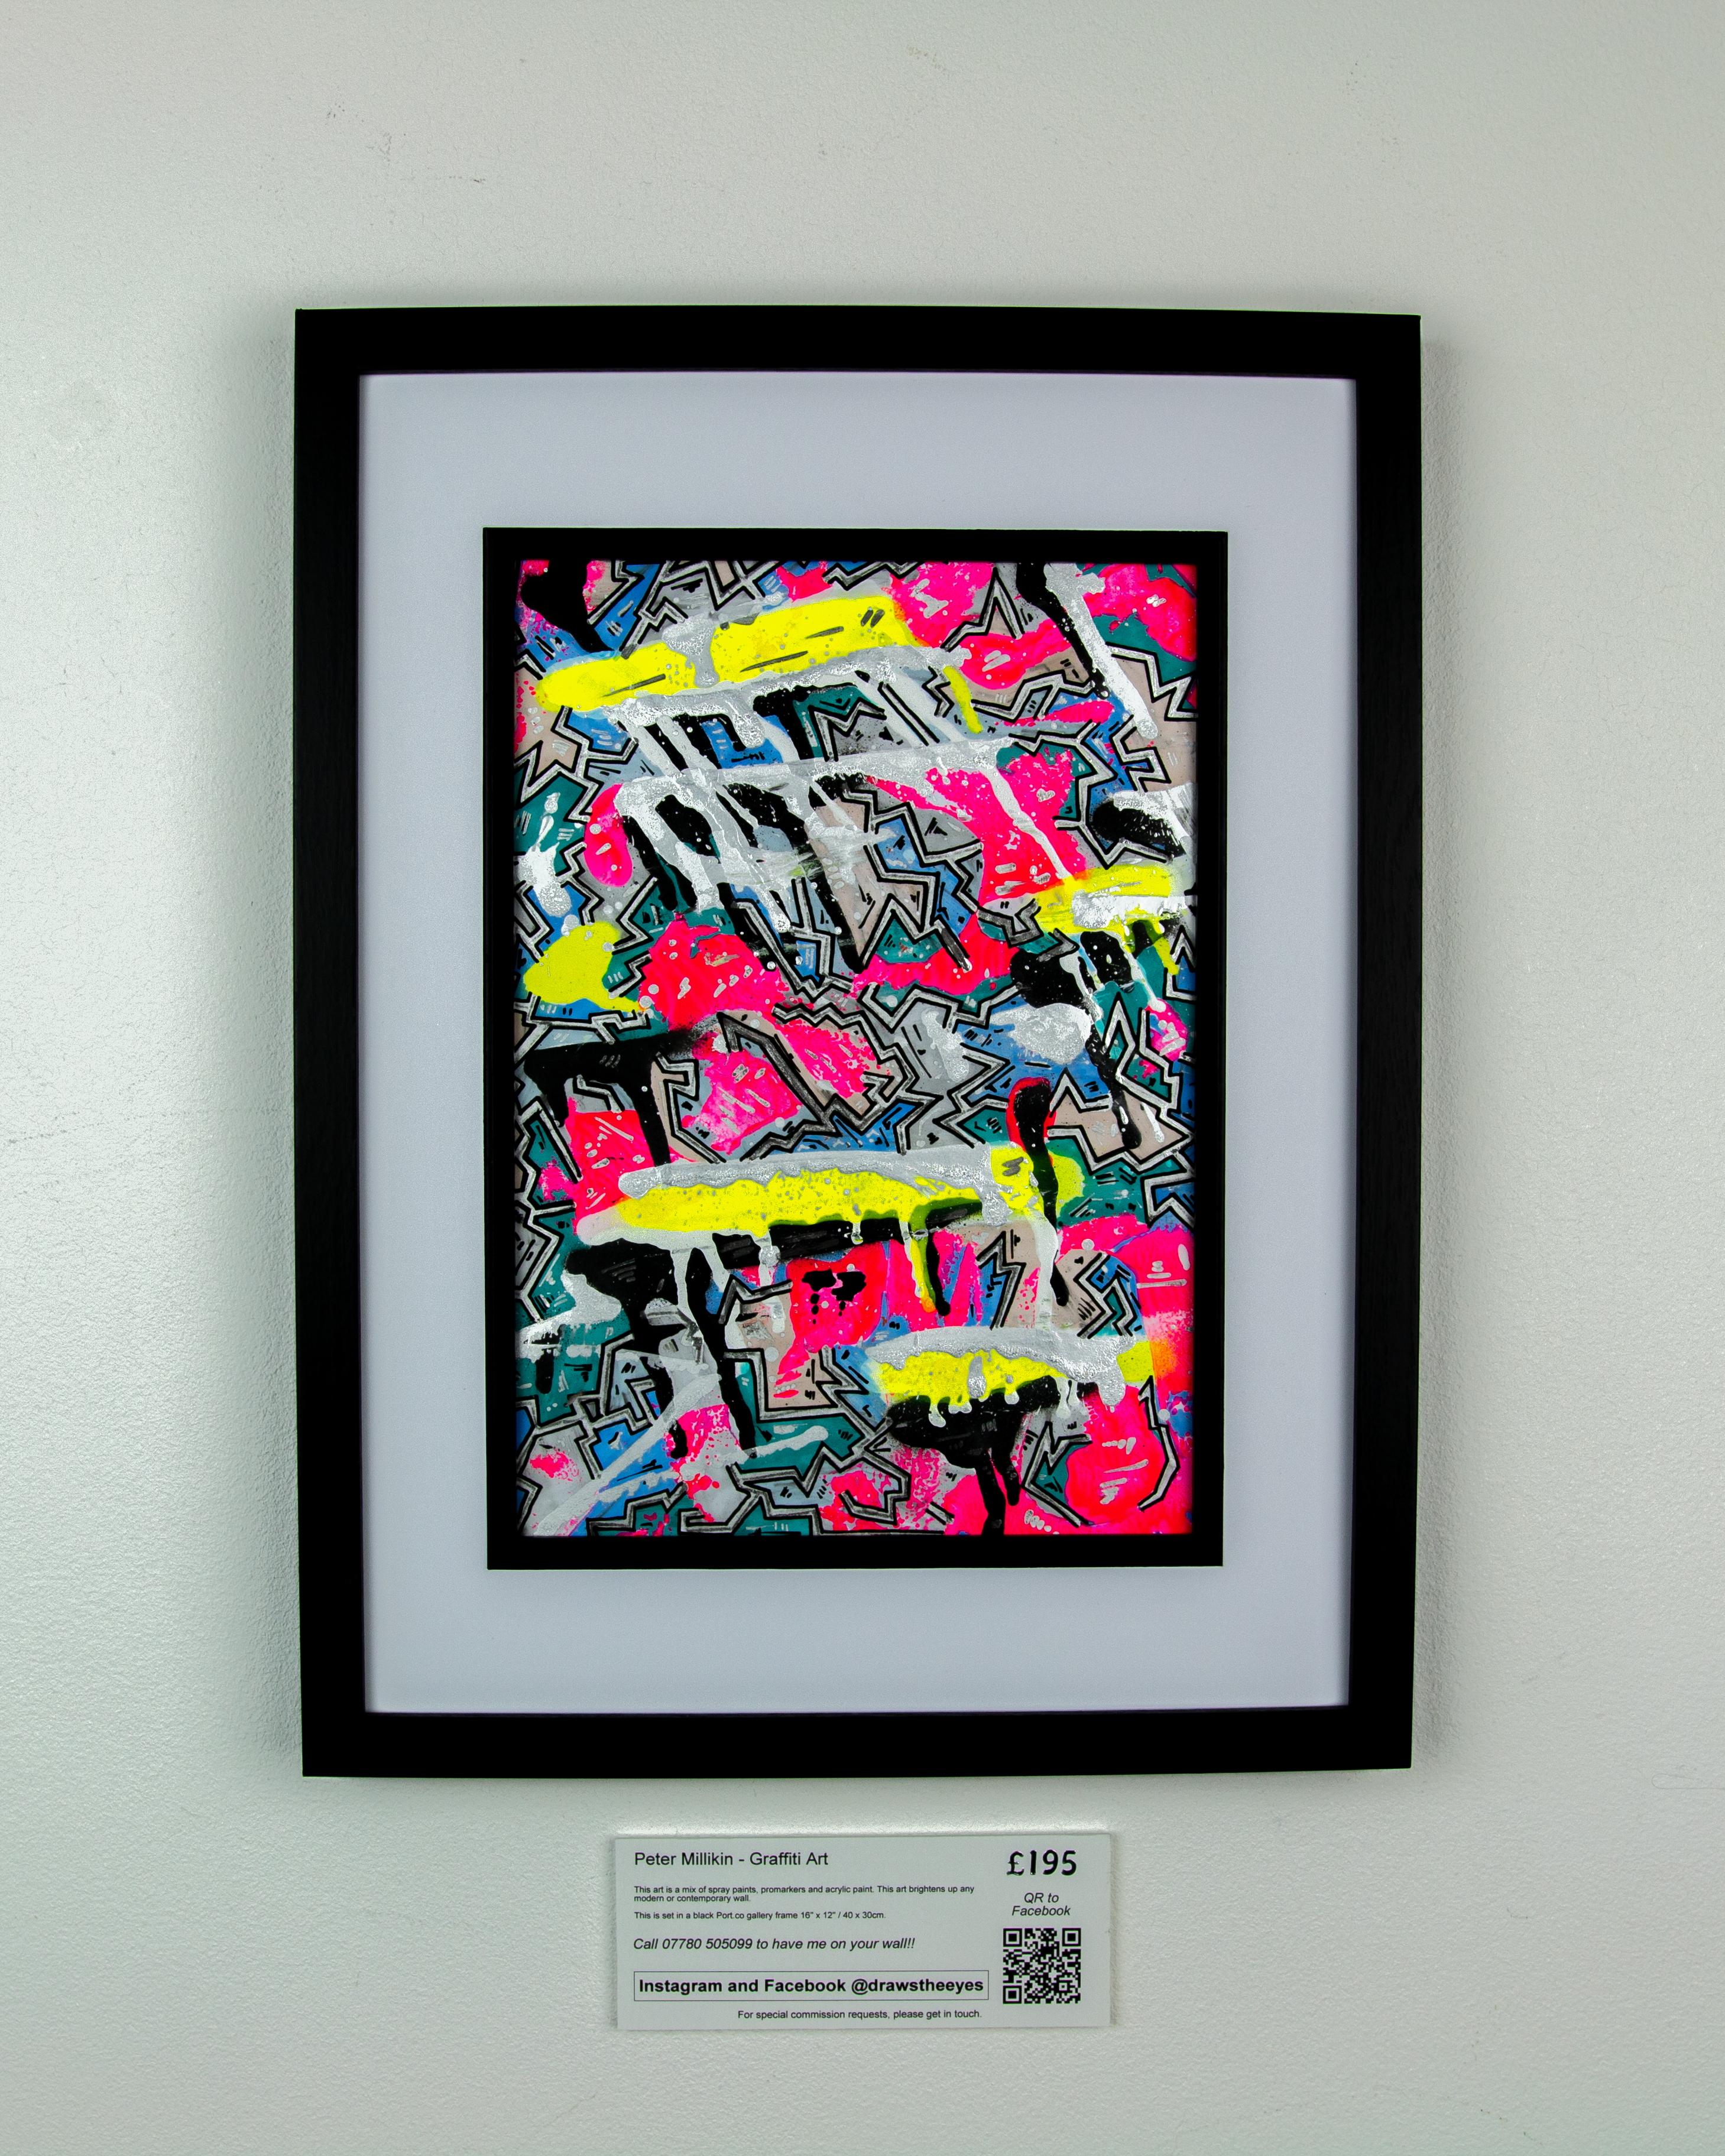 Framed A4 Spray Paint On Card – Marina Vista 03